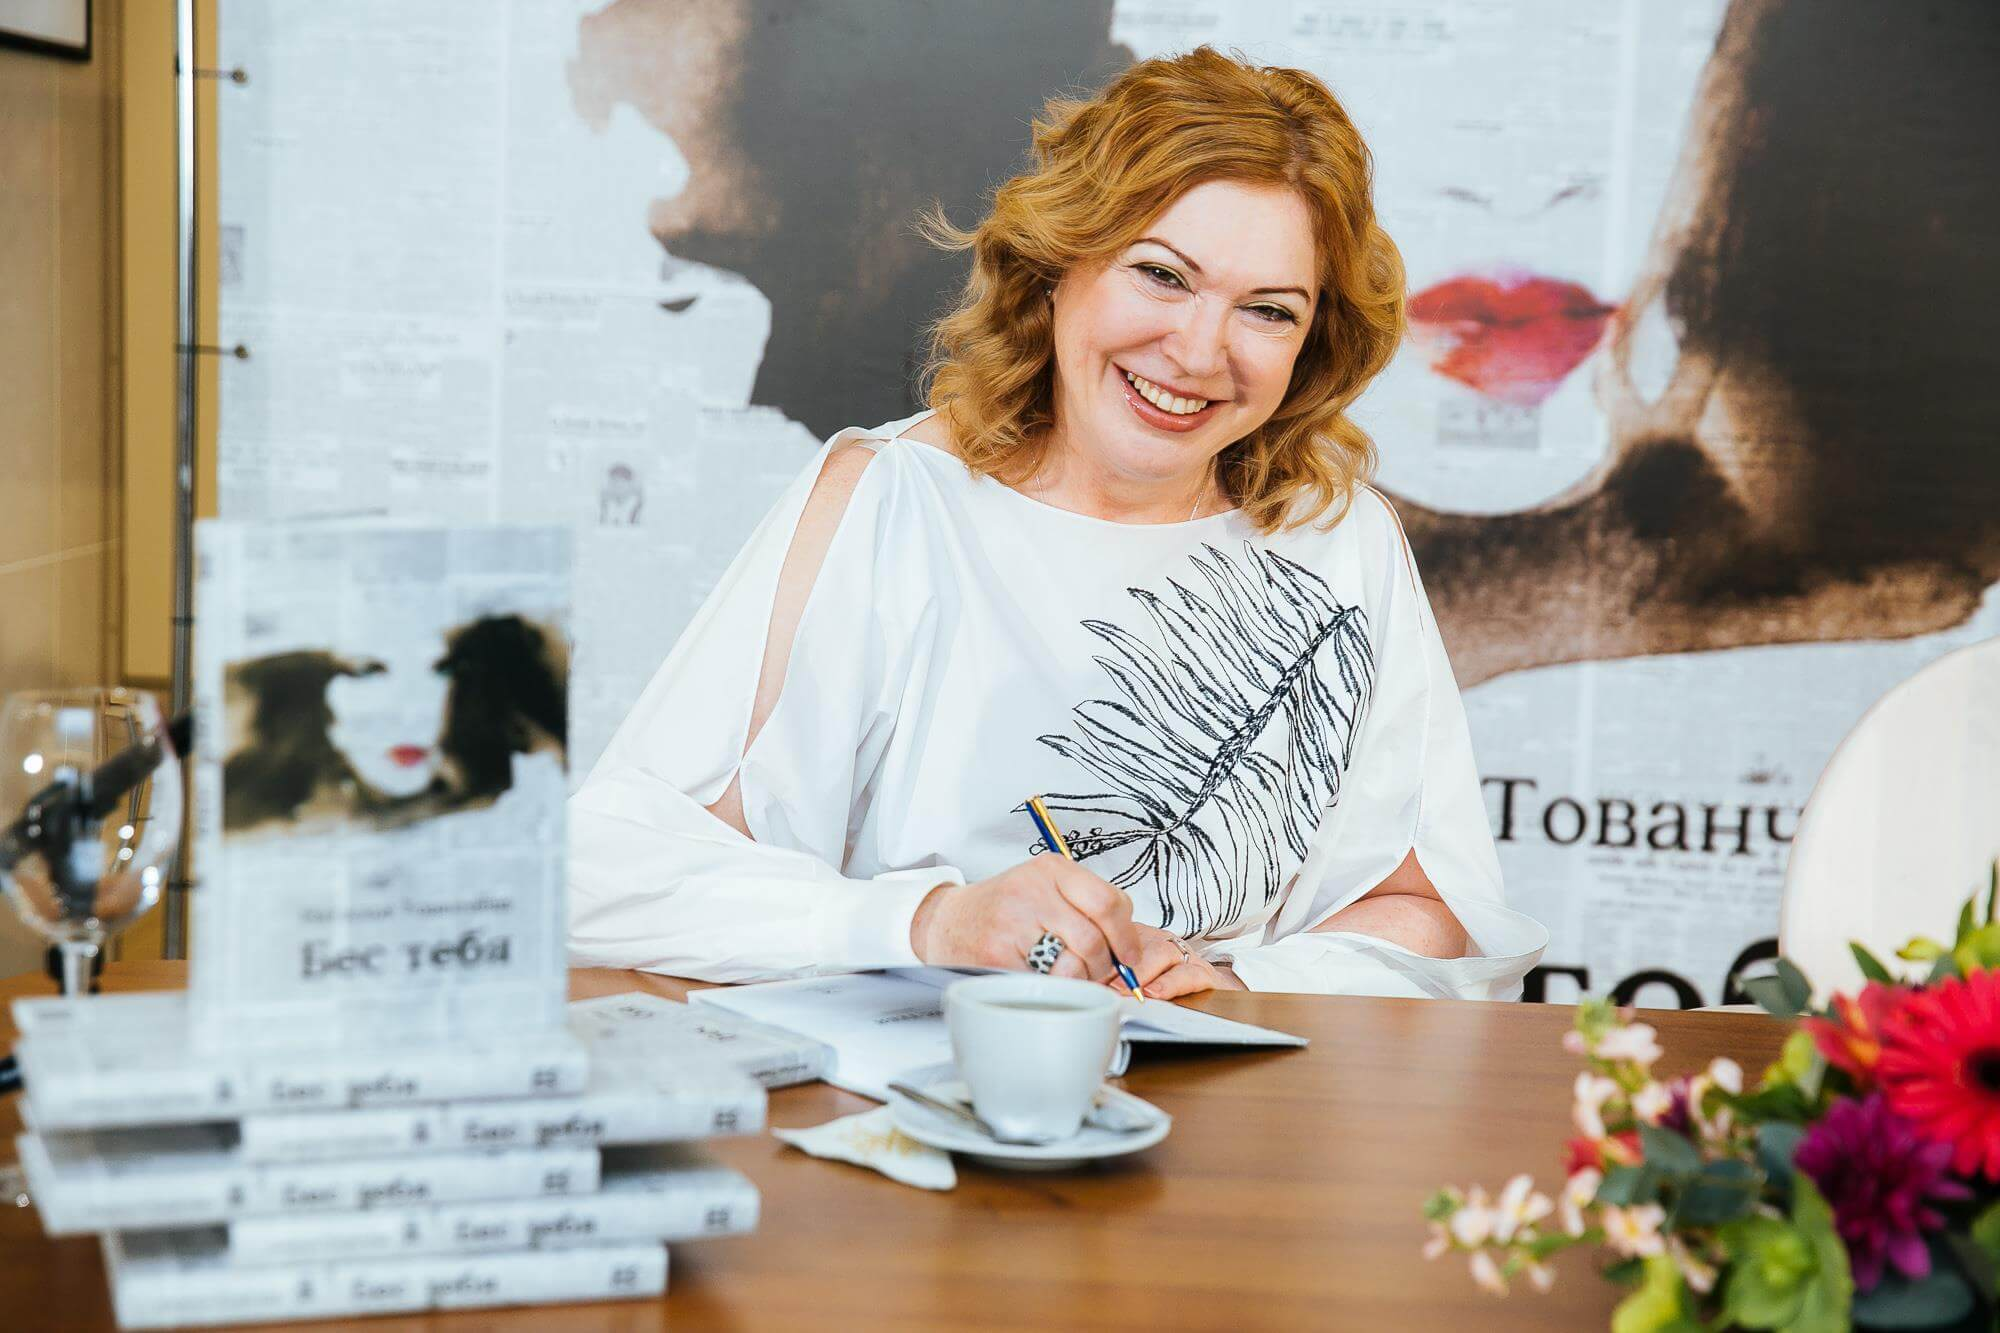 аталья Тованчёва - писатель, журналист, директор ГТРК